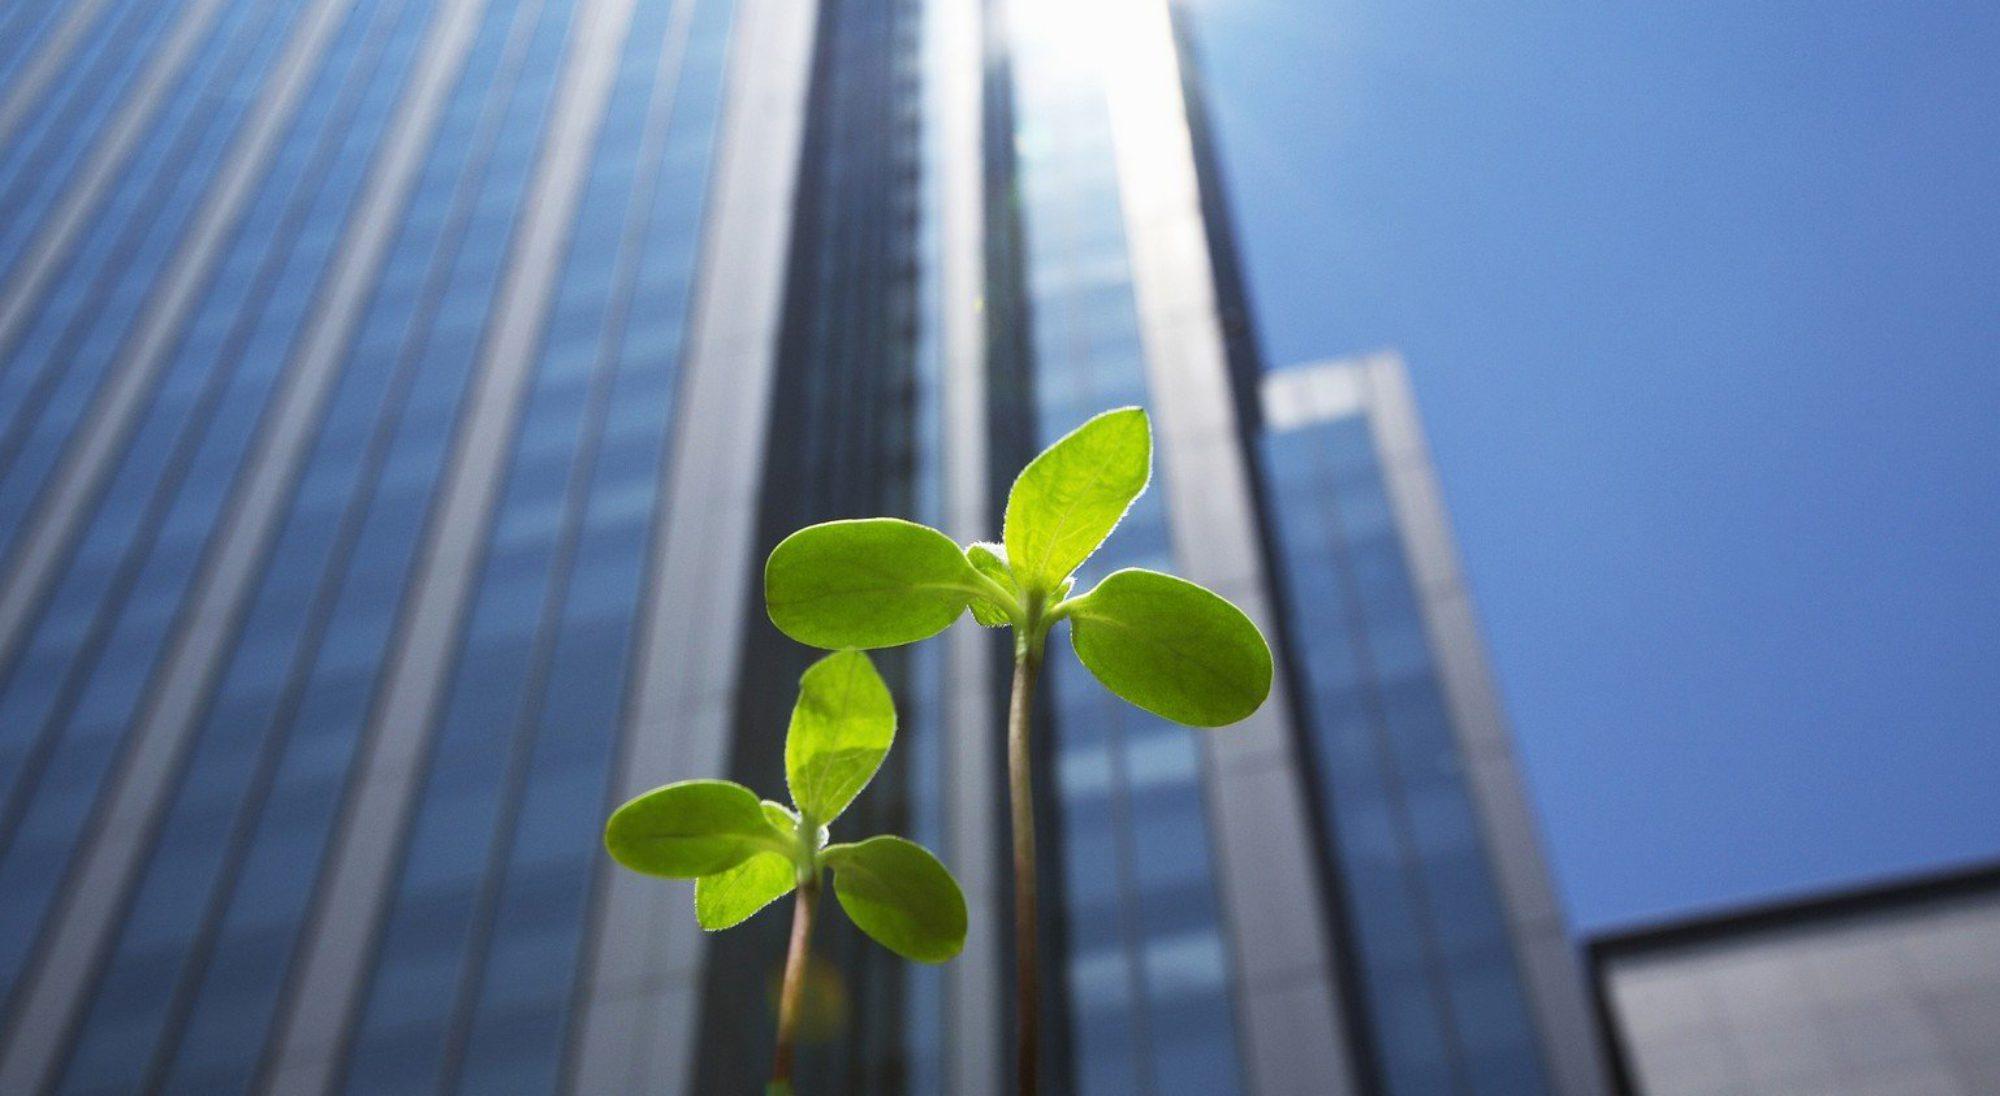 Biodégradable - Ensemble respectons la nature !